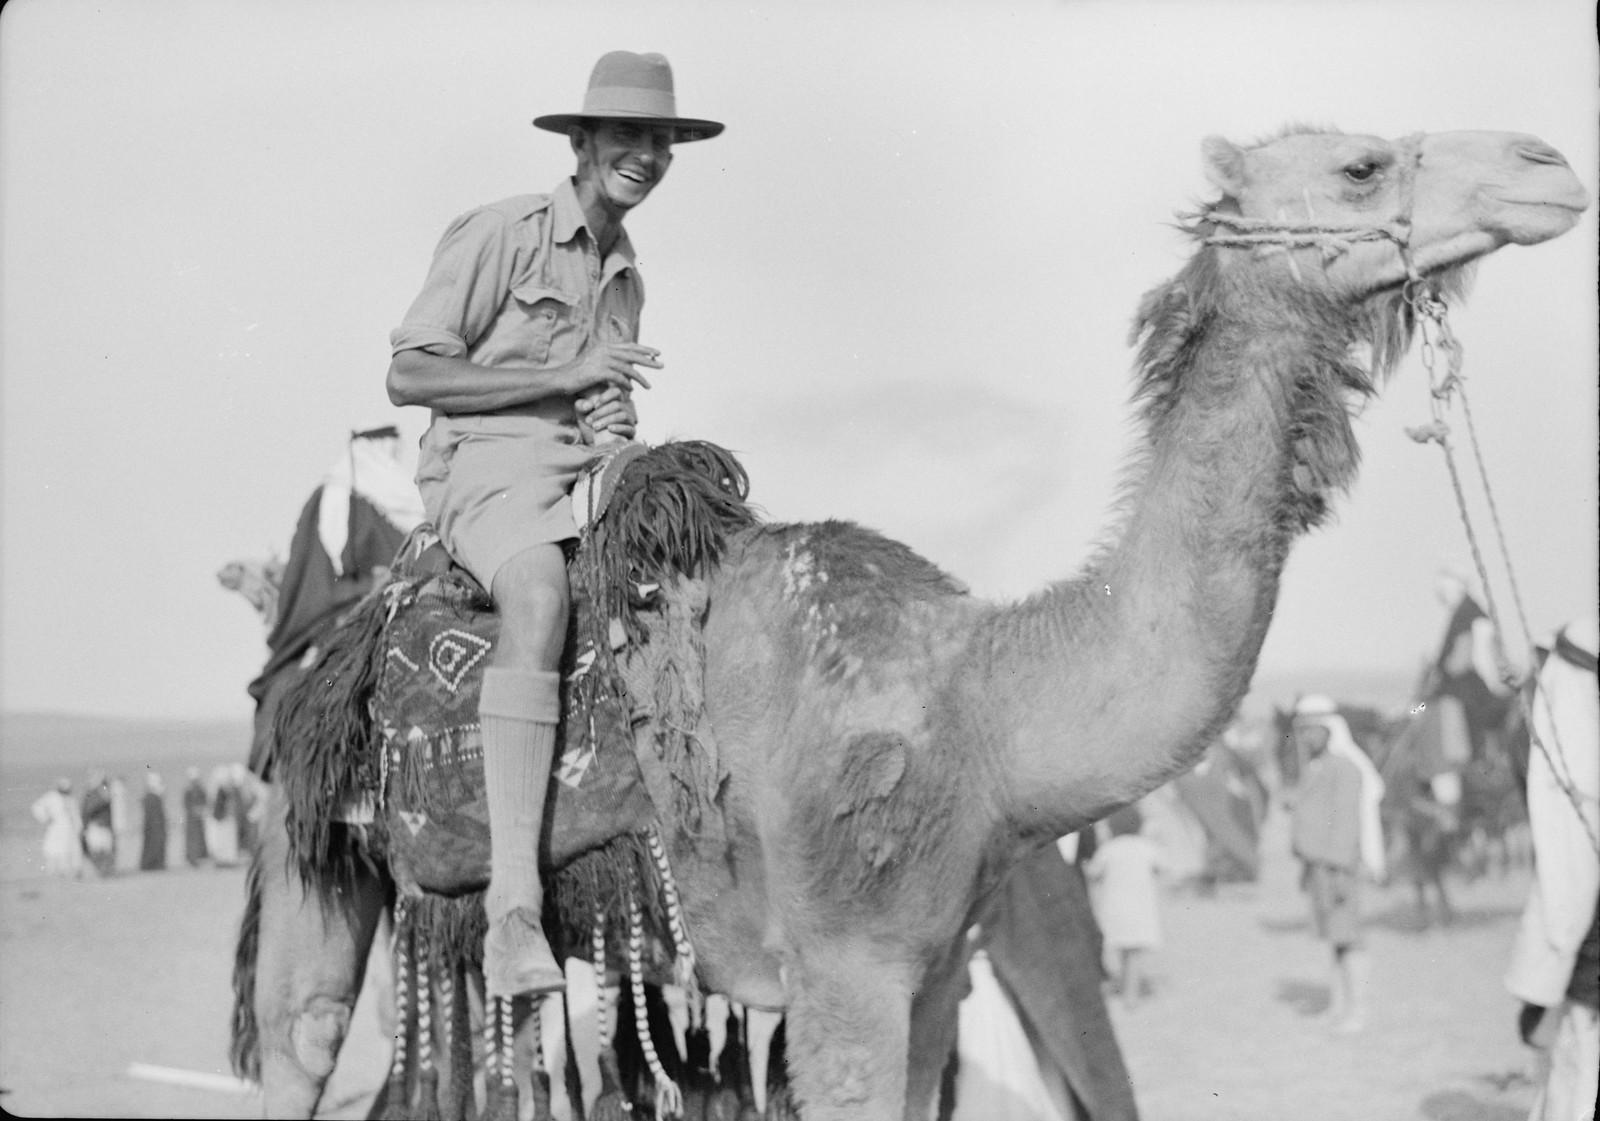 08. Австралийский солдат верхом на верблюде